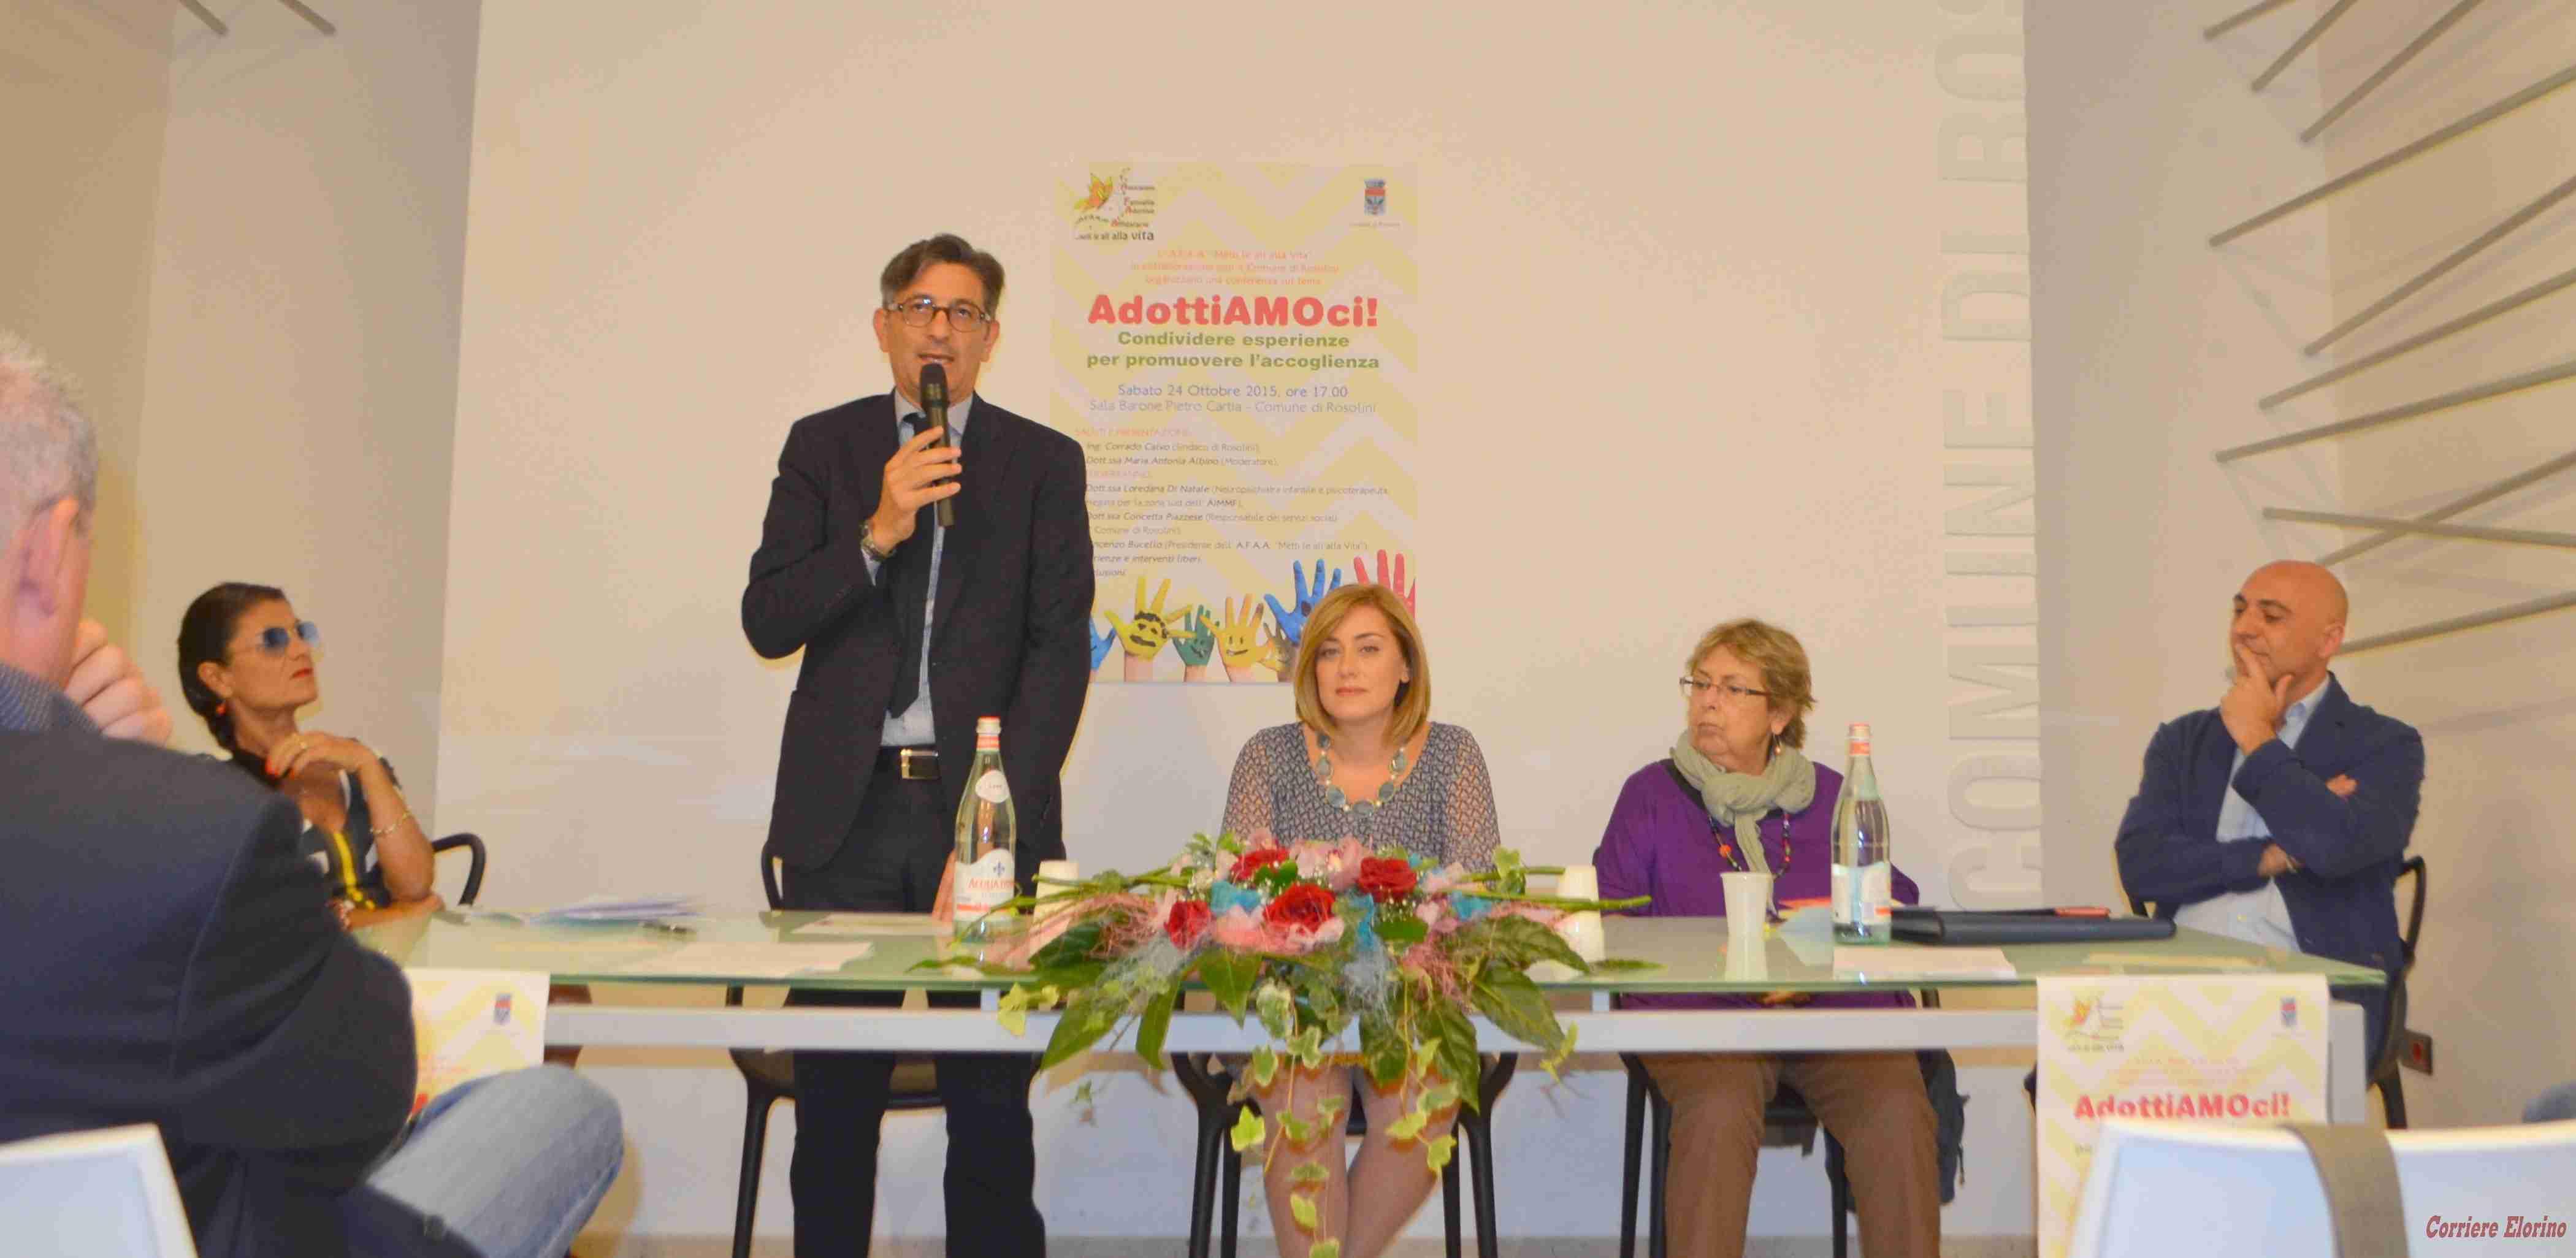 """Successo di pubblico per la conferenza """"AdottiAMOci…Condividere esperienze per promuovere l'accoglienza"""""""